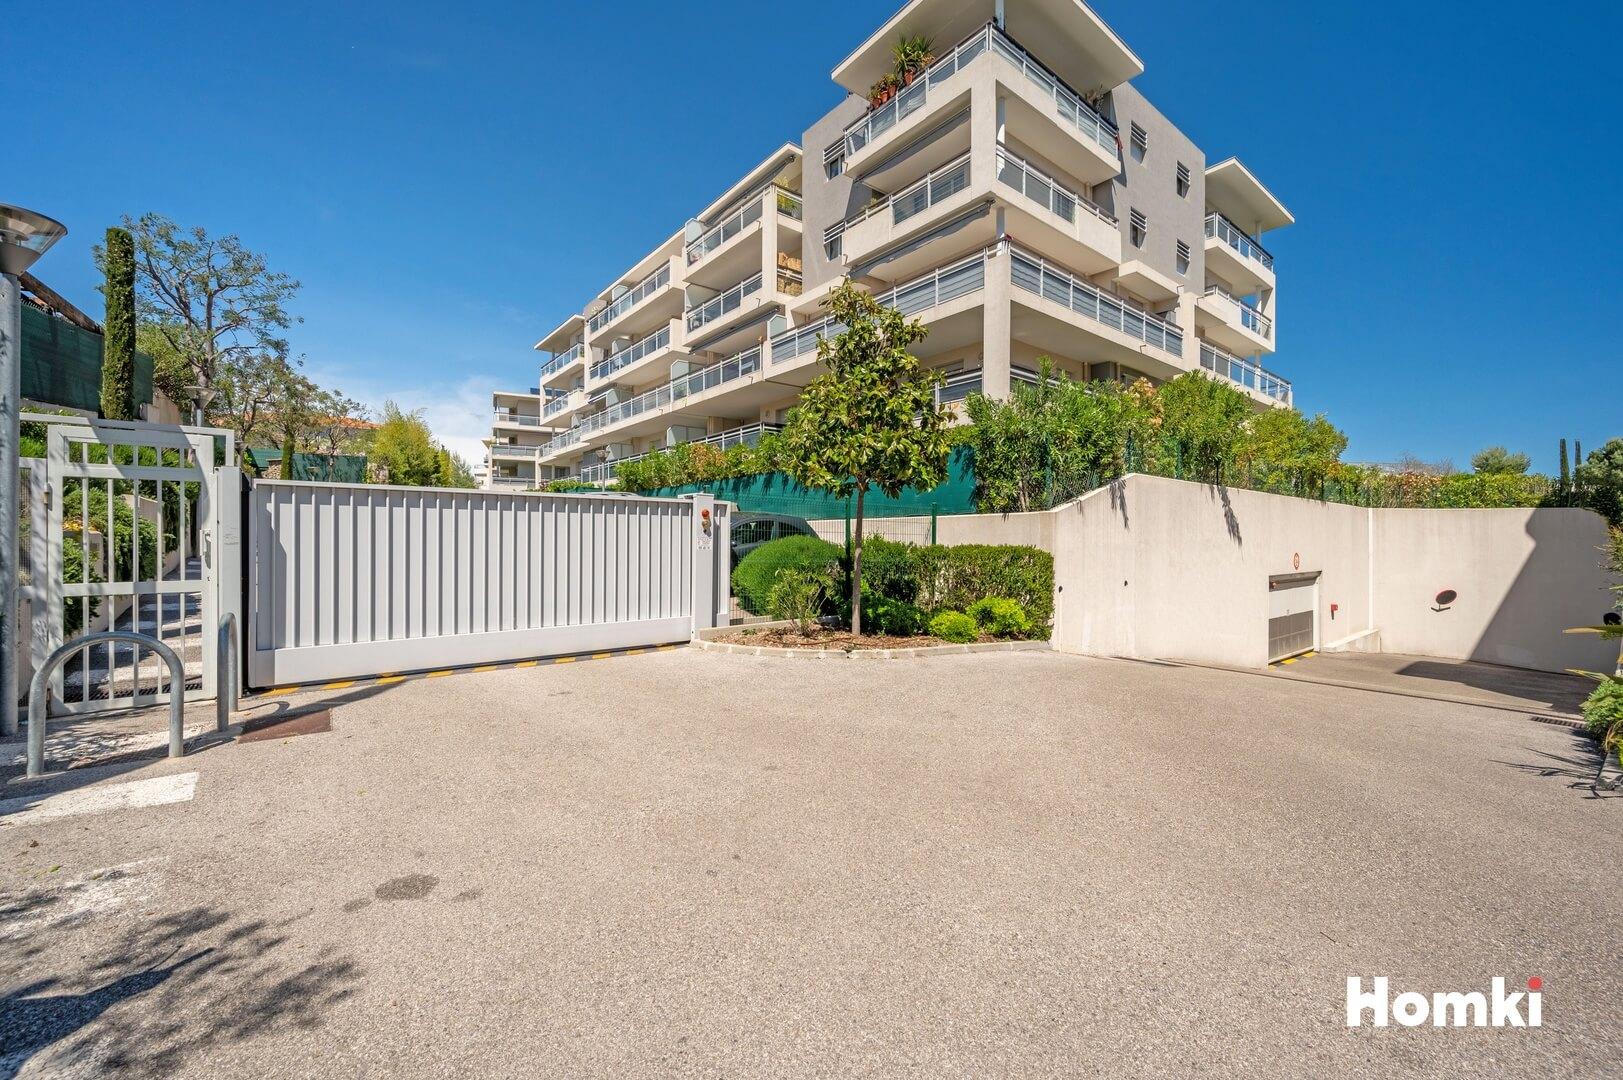 Homki - Vente Appartement  de 80.0 m² à Antibes 06600